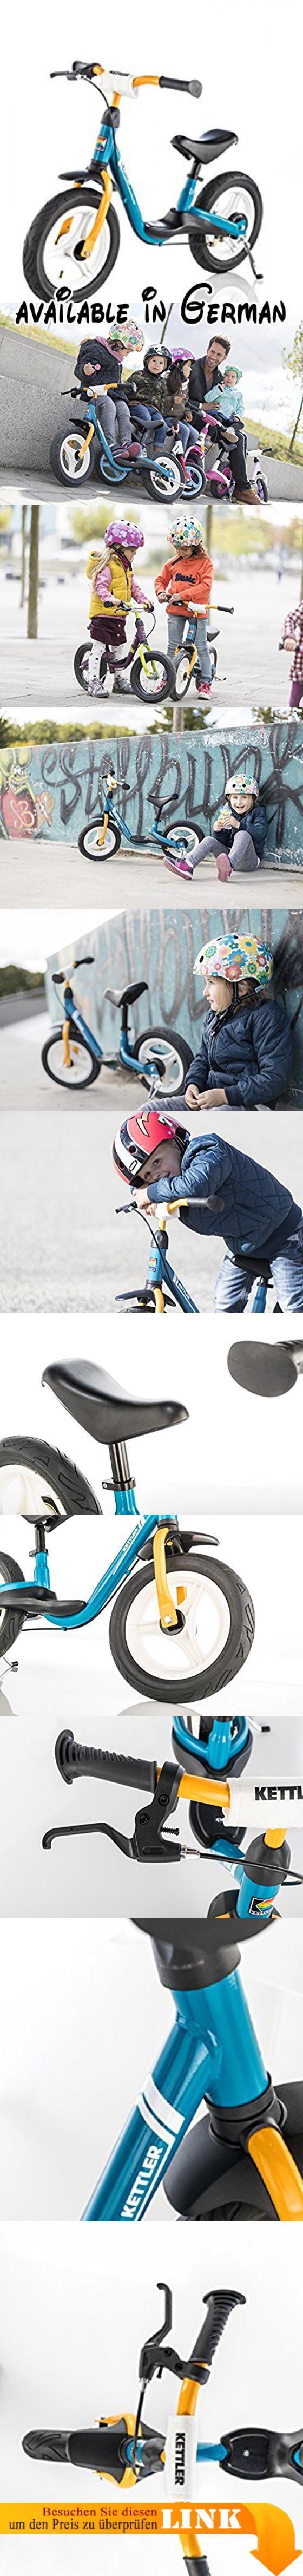 Kettler Laufrad Spirit Air 2.0 – das ideale & verstellbare Lauflernrad – Kinderlaufrad mit Reifengröße: 12,5 Zoll – mit Luftbereifung – stabiles & sicheres Laufrad ab 3 Jahren – blau & gelb. MIT TEMPO UNTERWEGS: Dieses Laufrad ab 2 Jahre ist ein absolutes Highlight vom Kindergarten bis ins Vorschulalter. Egal wohin es ab sofort geht - das neue Laufrad für Kinder muss mit!. LERNEN & SPIELEN: Das Fahren mit dem Kinder Laufrad macht nicht nur Spaß, sondern fördert